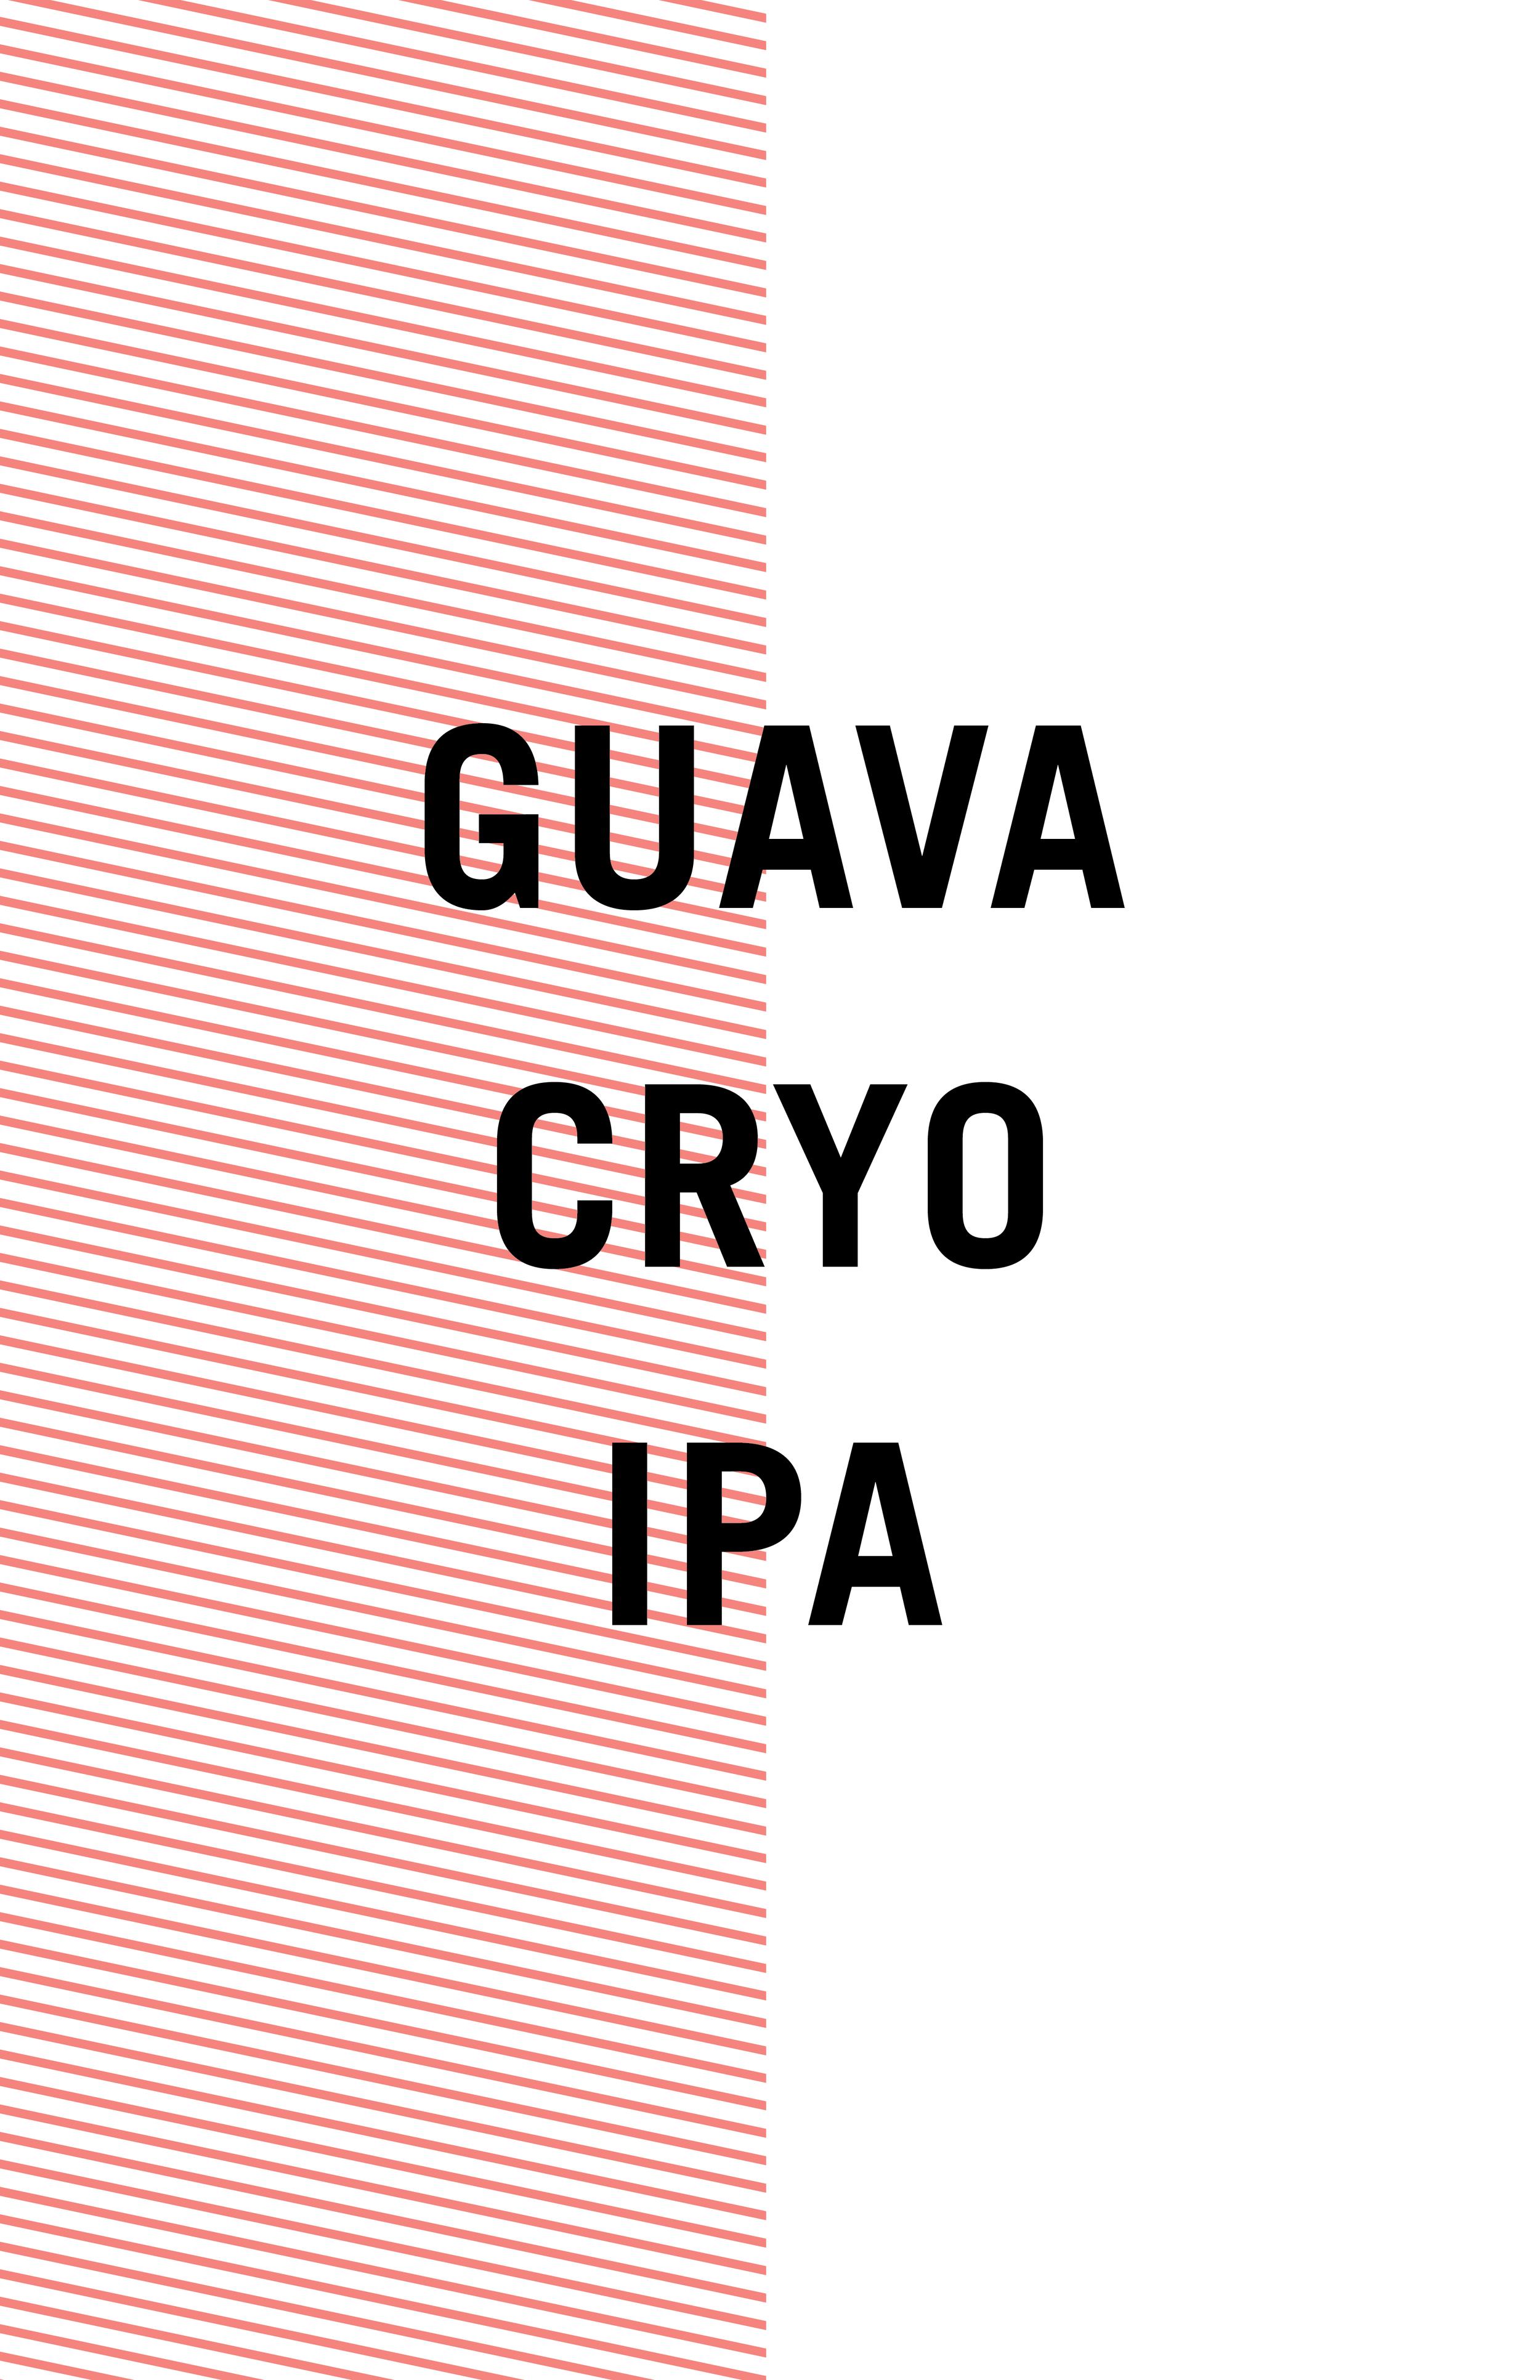 Guava-03.png